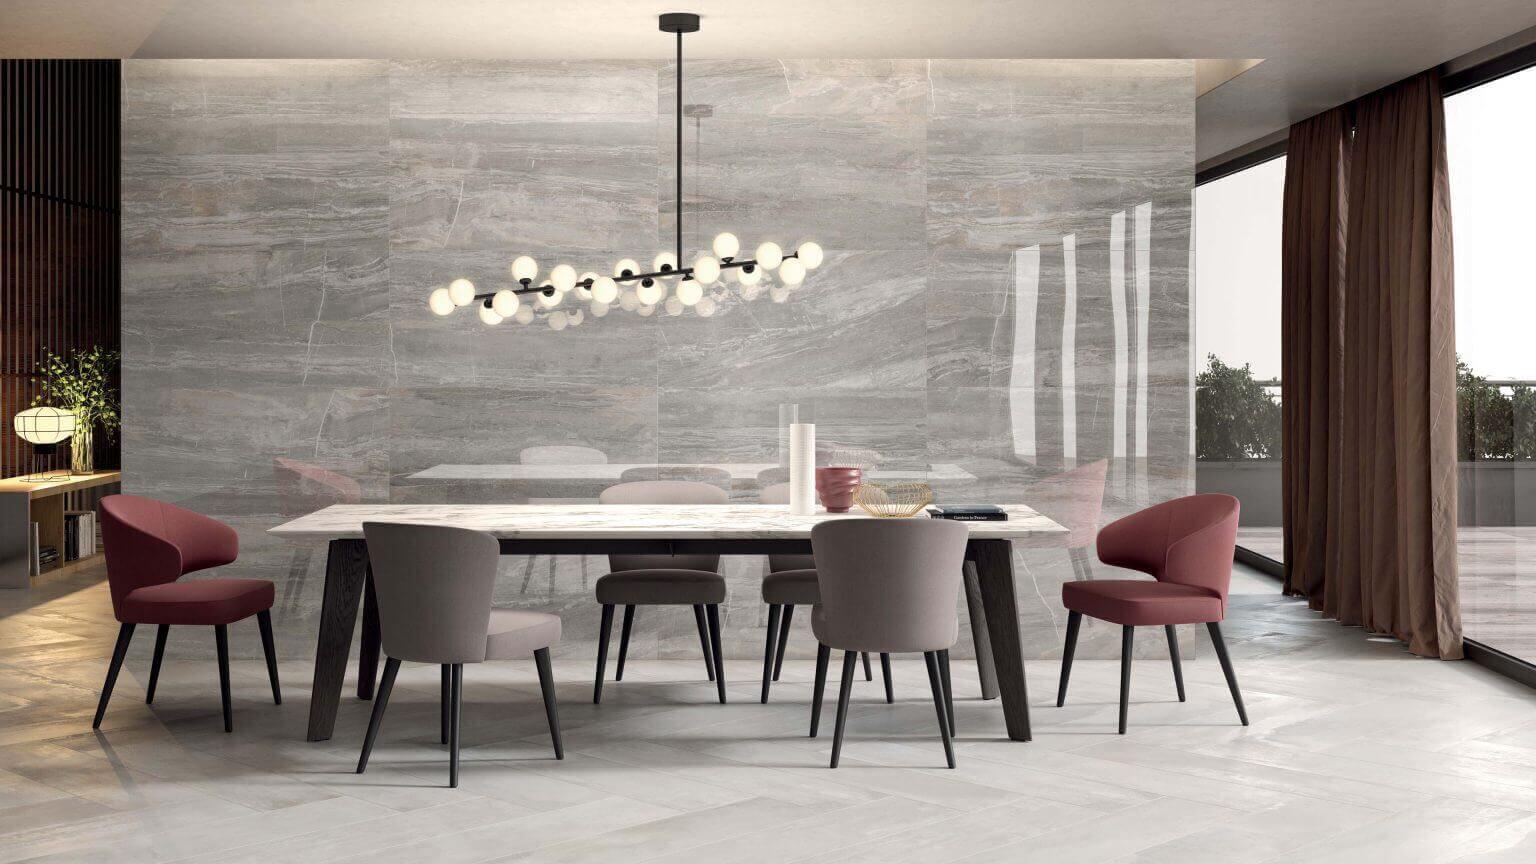 stijlstudio-villa-2-1536x864